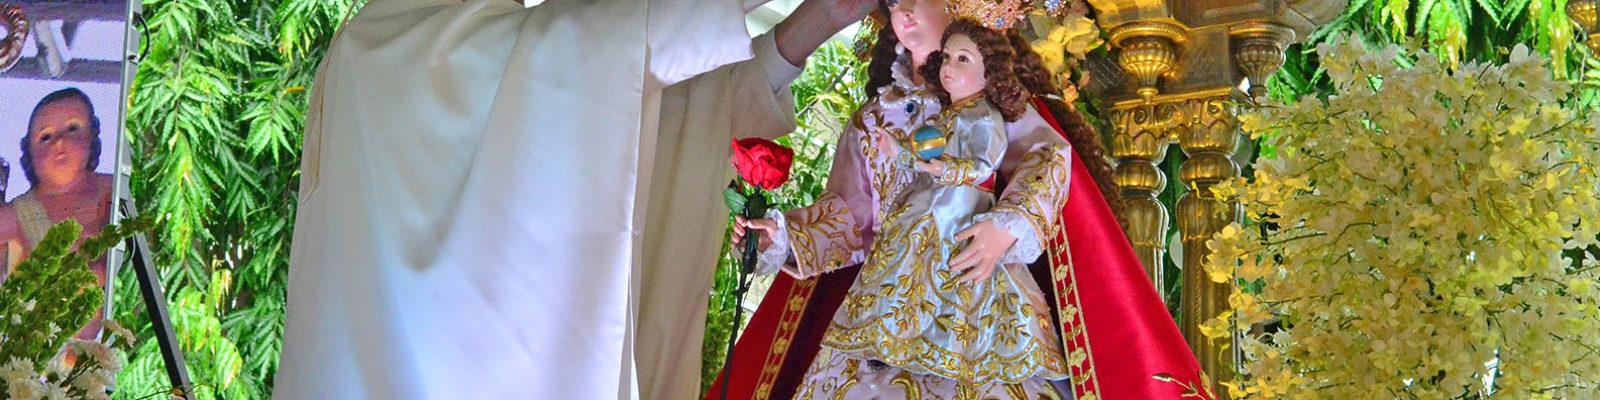 VirgenDelaRosa-CBCPNews-031619-01